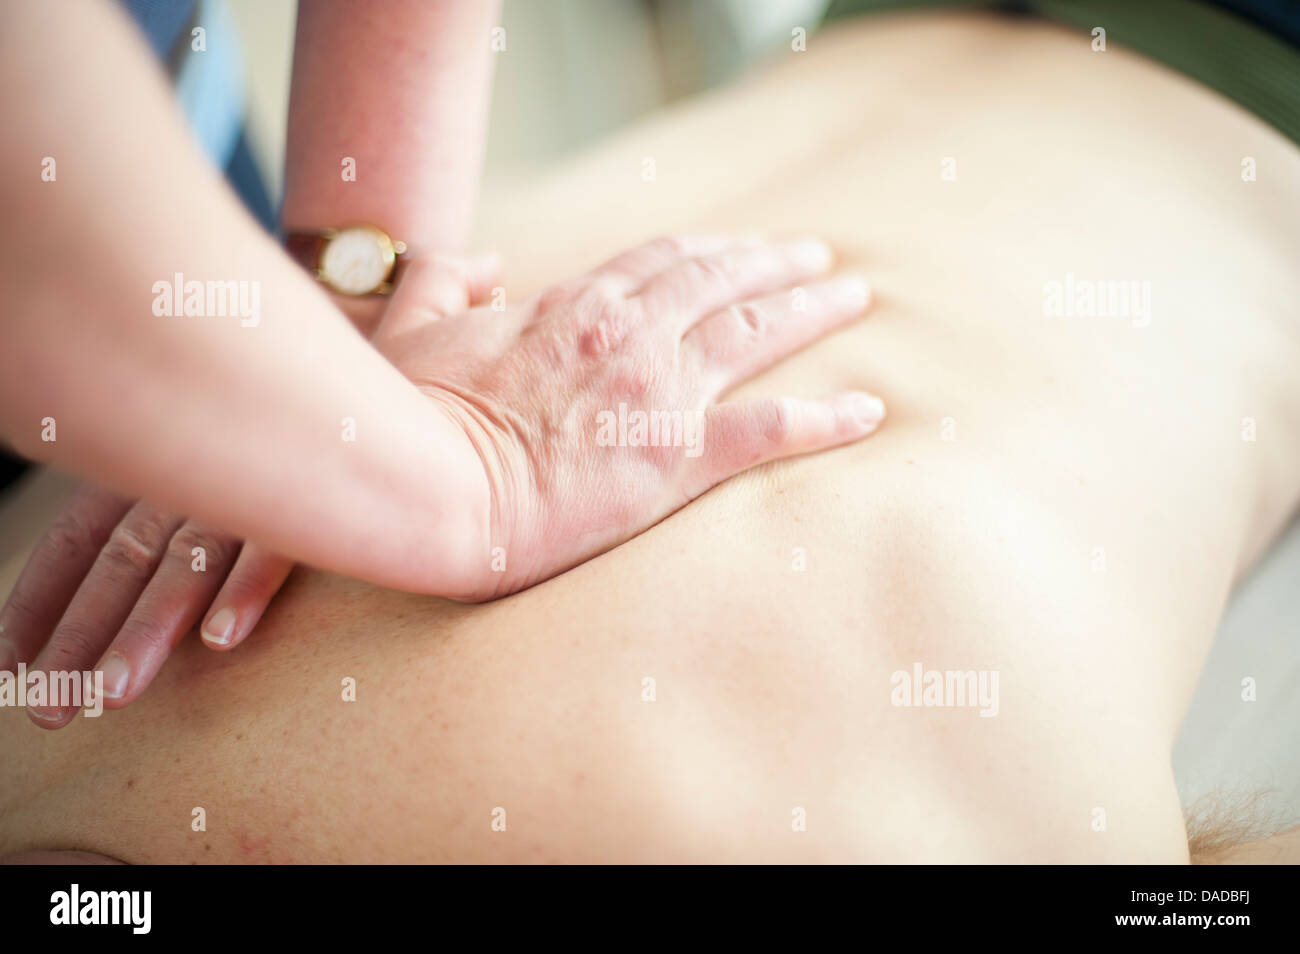 Nahaufnahme von Rückenmassage Stockbild